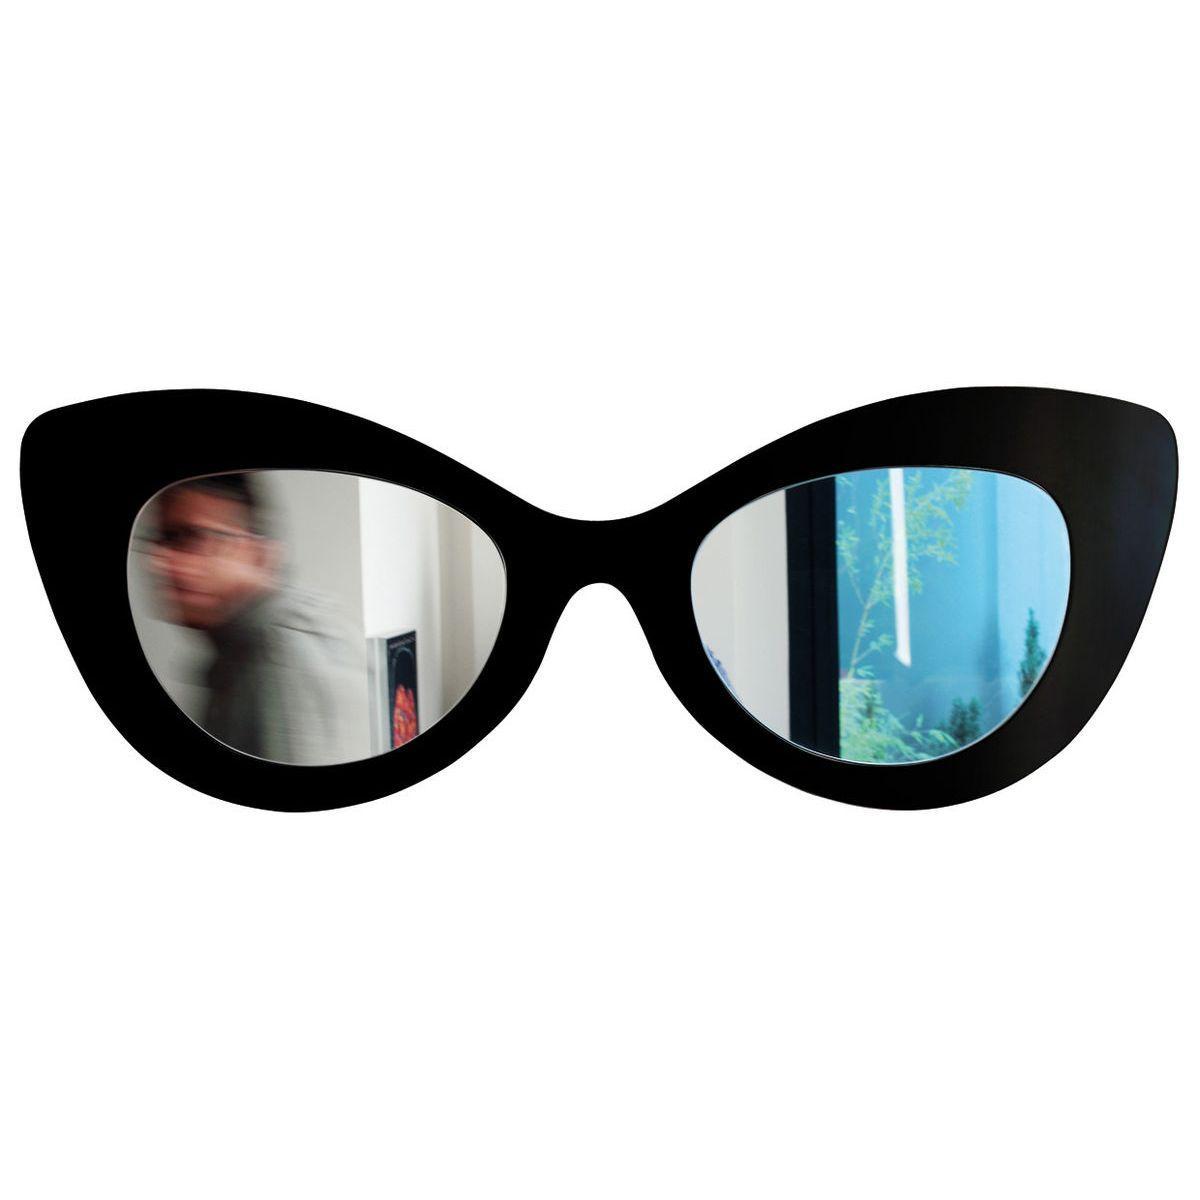 Specchio doppio a forma di occhiale femminile con montatura di colore nero ispirato alla moda hollywoodiana anni 60